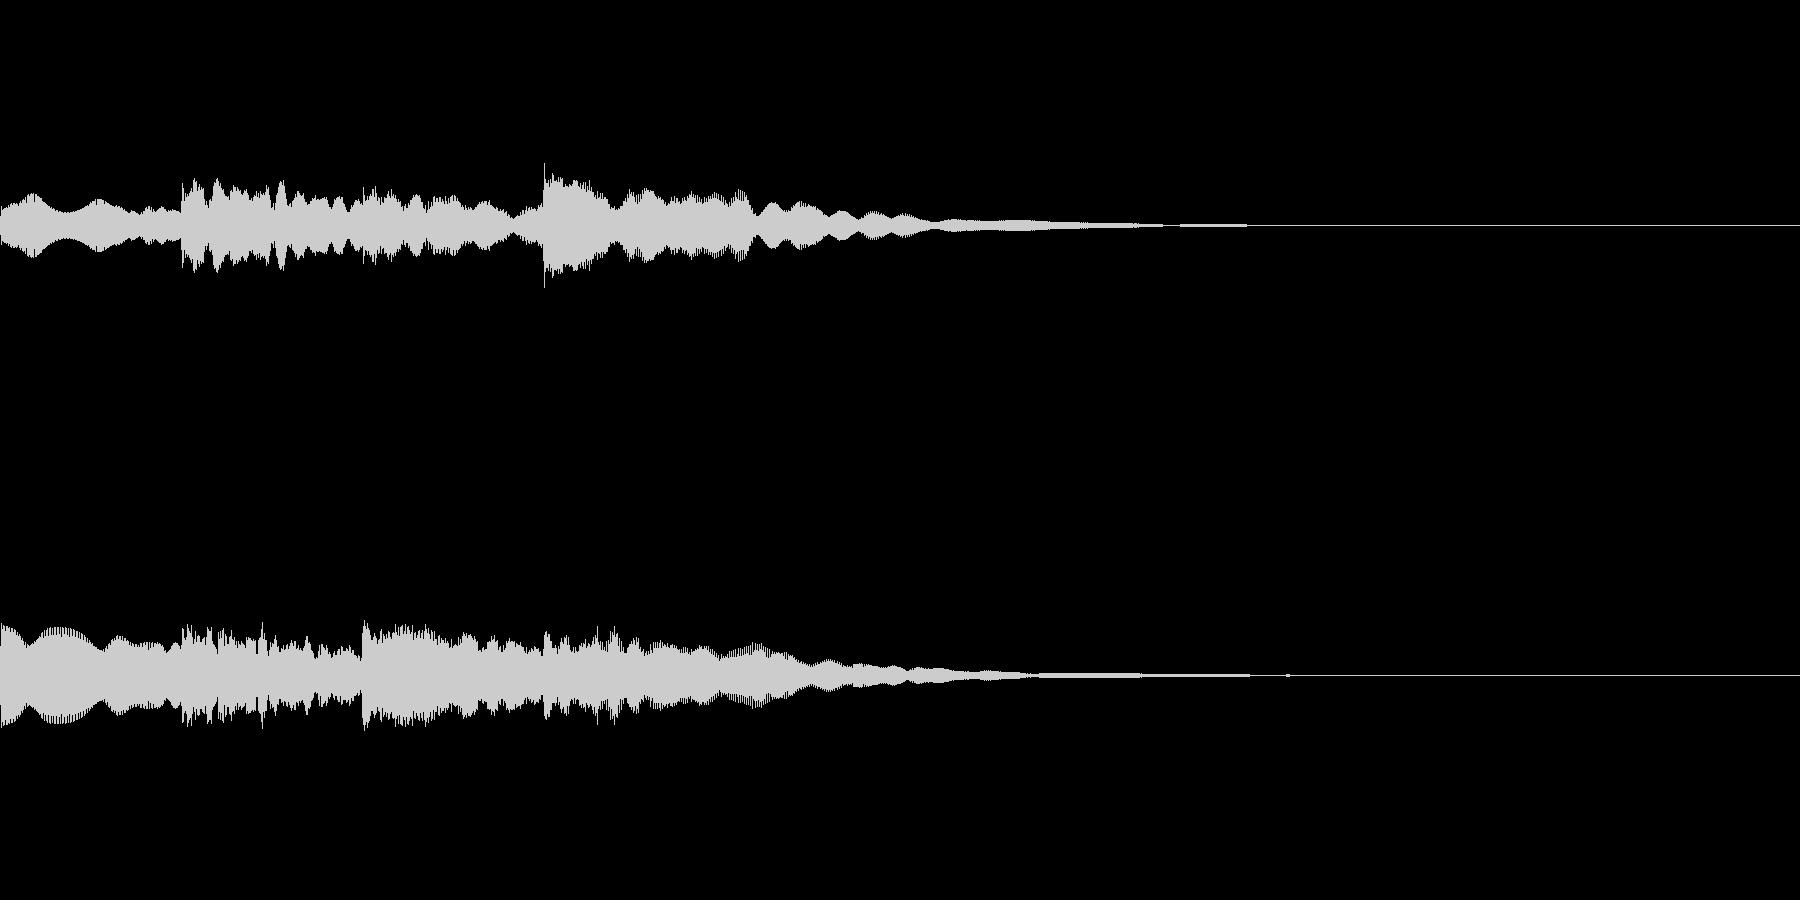 場面転換に使えるチャイムの効果音。の未再生の波形